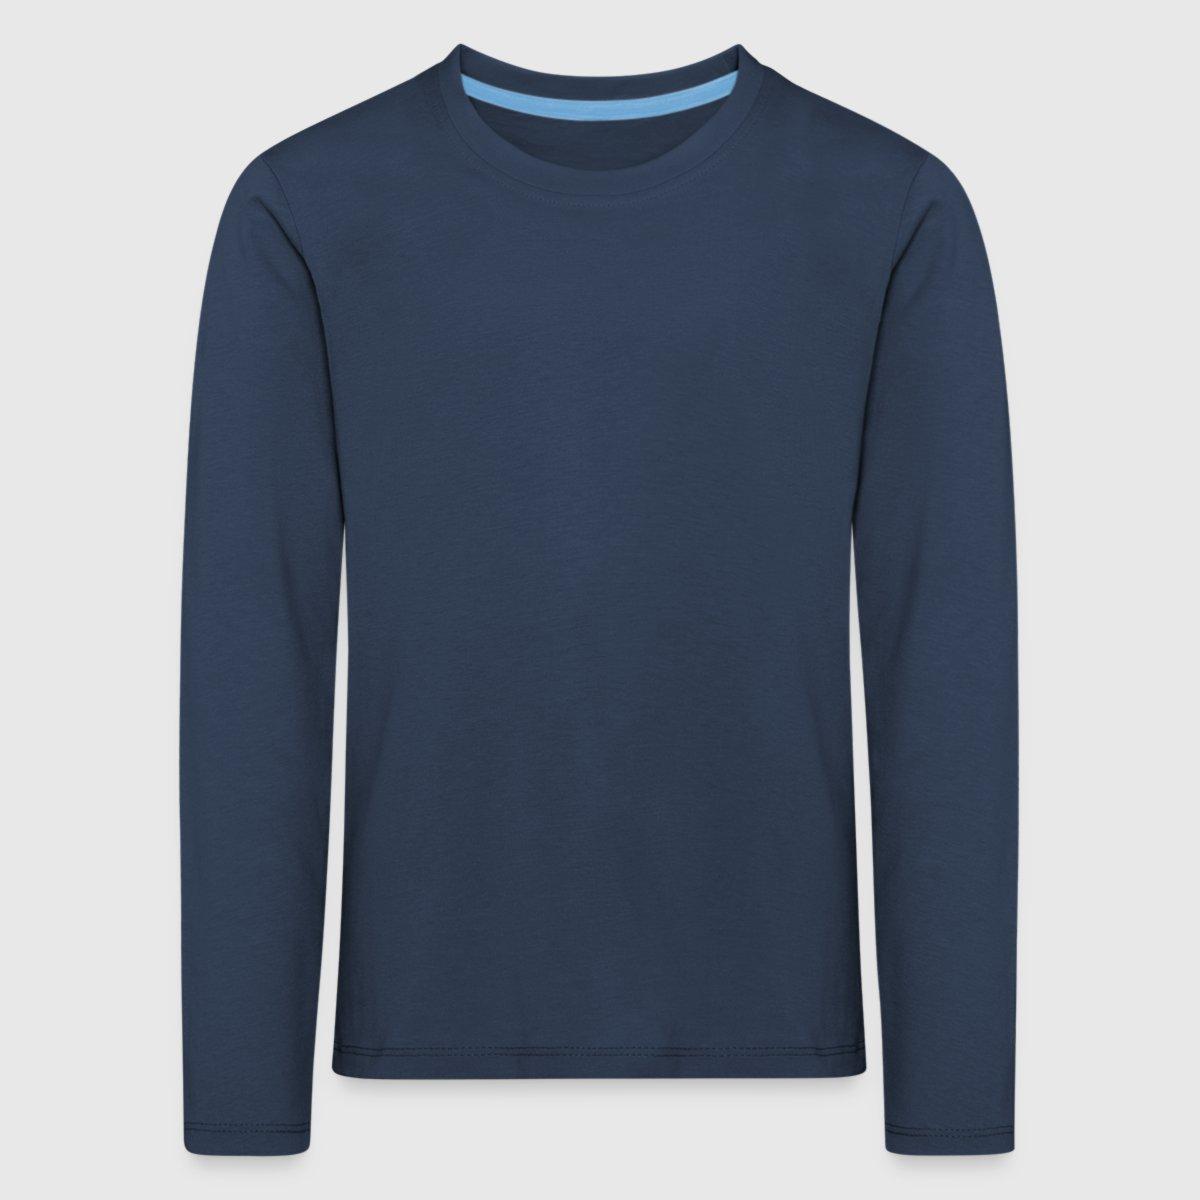 cda69114 Premium langermet T-skjorte for barn | Spreadshirt